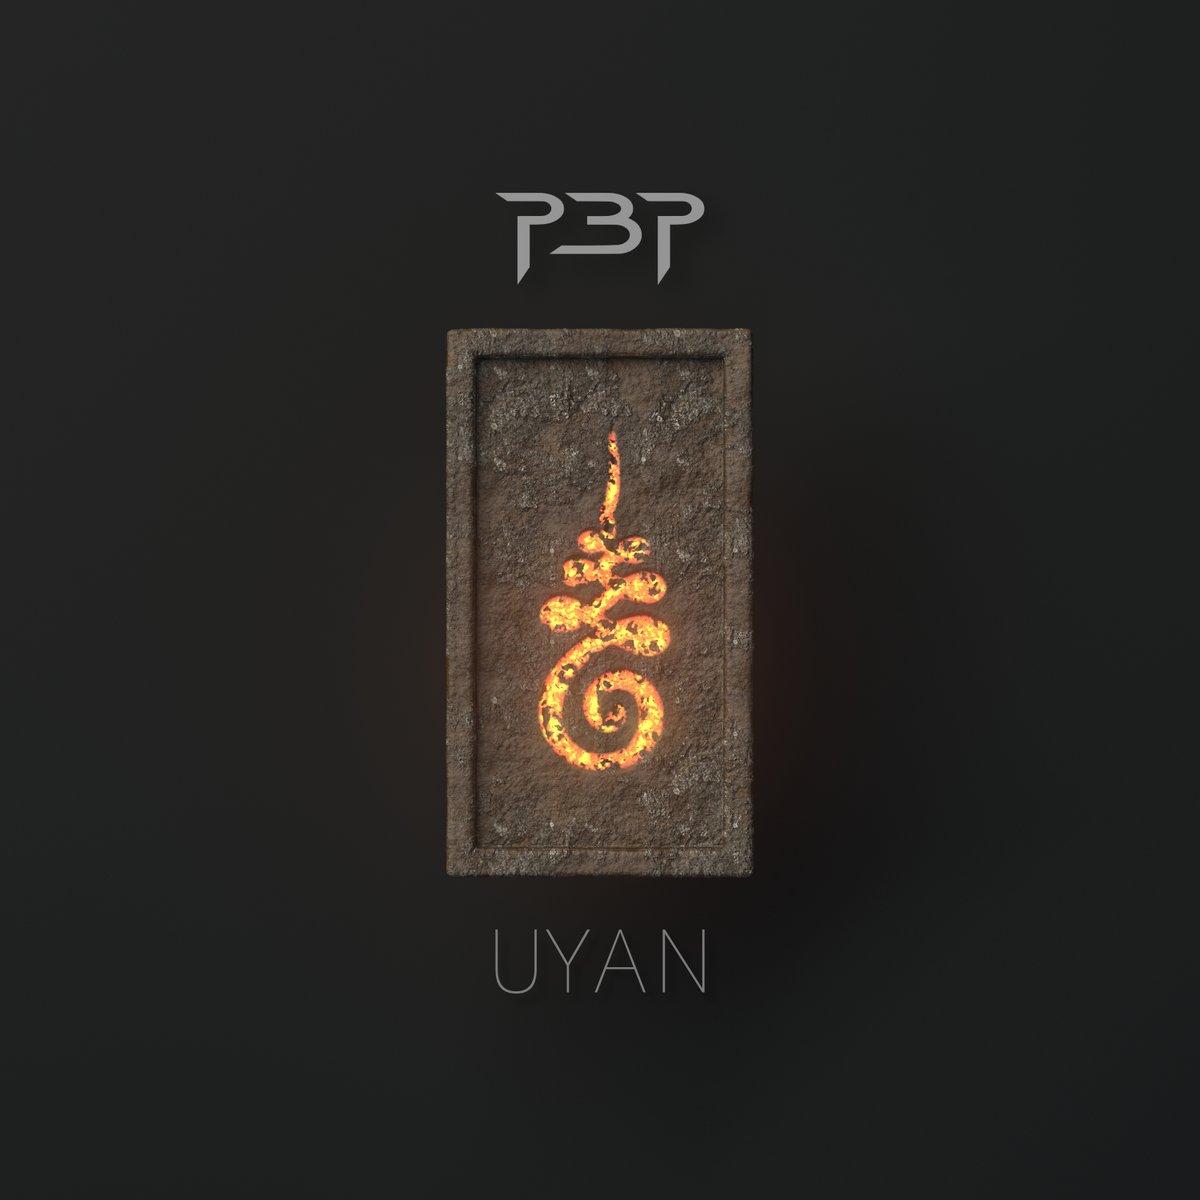 Pitch Black Process'in yeni teklisi 'Uyan' Rakun Müzik etiketiyle tüm dijital platformlarda.   bfan.link/uyan  #uyan #pitchblackprocess #rakunmüzik #türkçemetal #metalmusic #newrelease #newmusicfriday